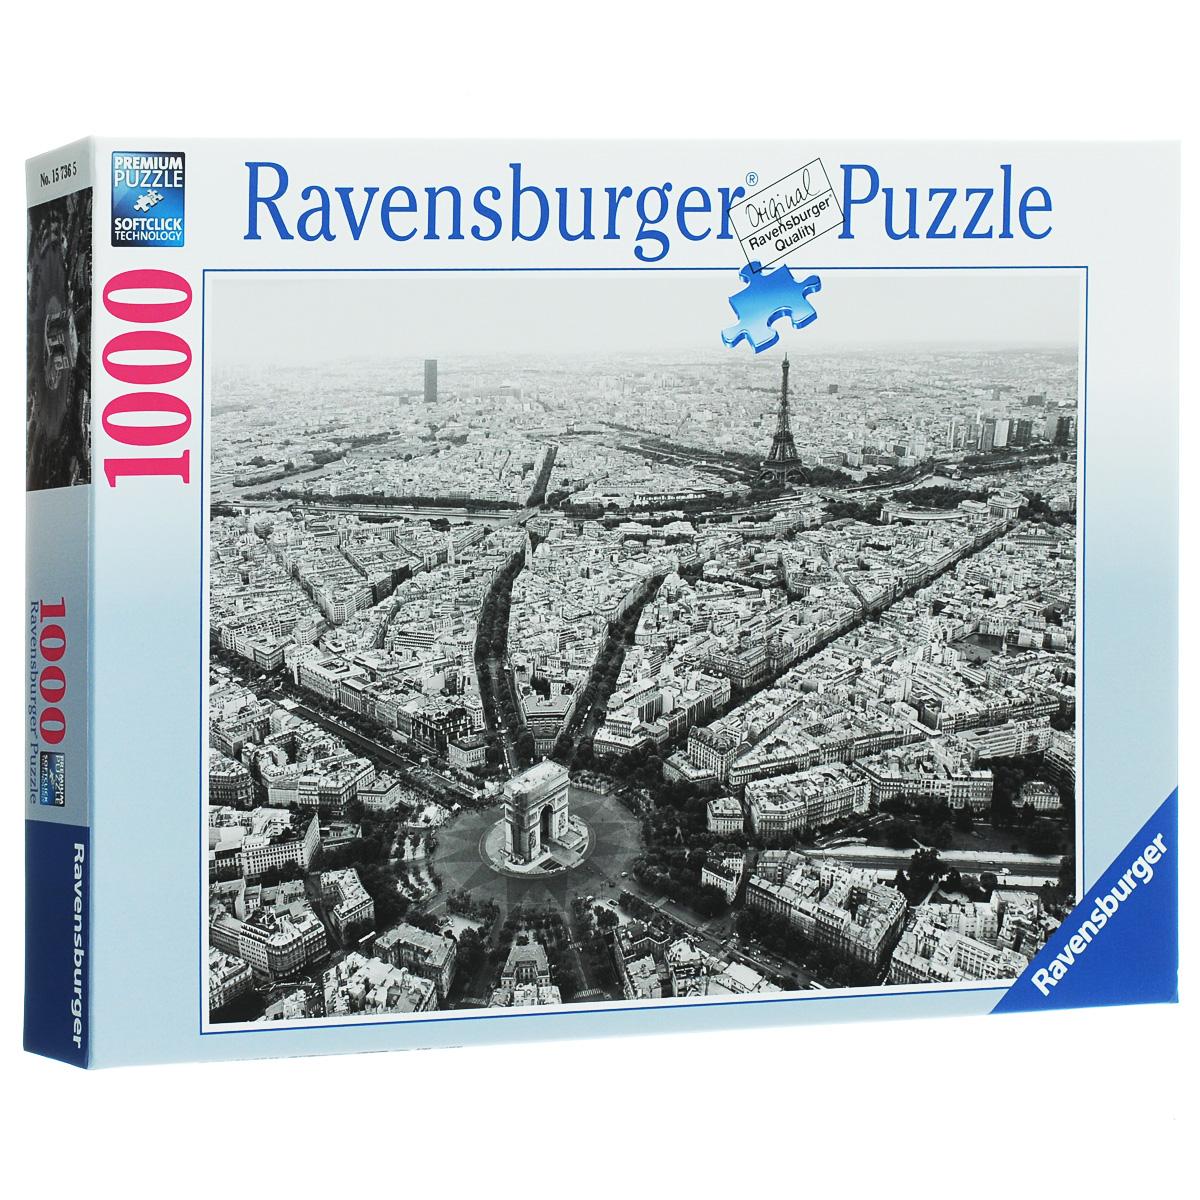 Ravensburger Черно-белый Париж. Пазл, 1000 элементов15736Пазл Ravensburger Черно-белый Париж, без сомнения, придется по душе вам и вашему ребенку. Собрав этот пазл, включающий в себя 1000 элементов, вы получите потрясающую картину, на которой изображена черно-белая фотография столицы Франции. Весь Париж как на ладони! Вы увидите мельчайшие детали этого крупного города, улочки, дома, знаменитые строения. Каждая деталь имеет свою форму и подходит только на своё место. Нет двух одинаковых деталей! Пазл изготовлен из картона высочайшего качества. Все изображения аккуратно отсканированы и напечатаны на ламинированной бумаге. Пазлы - замечательная развивающая игра для детей. Собирание пазла развивает у ребенка мелкую моторику рук, тренирует наблюдательность, логическое мышление, знакомит с окружающим миром, с цветом и разнообразными формами, учит усидчивости и терпению, аккуратности и вниманию.